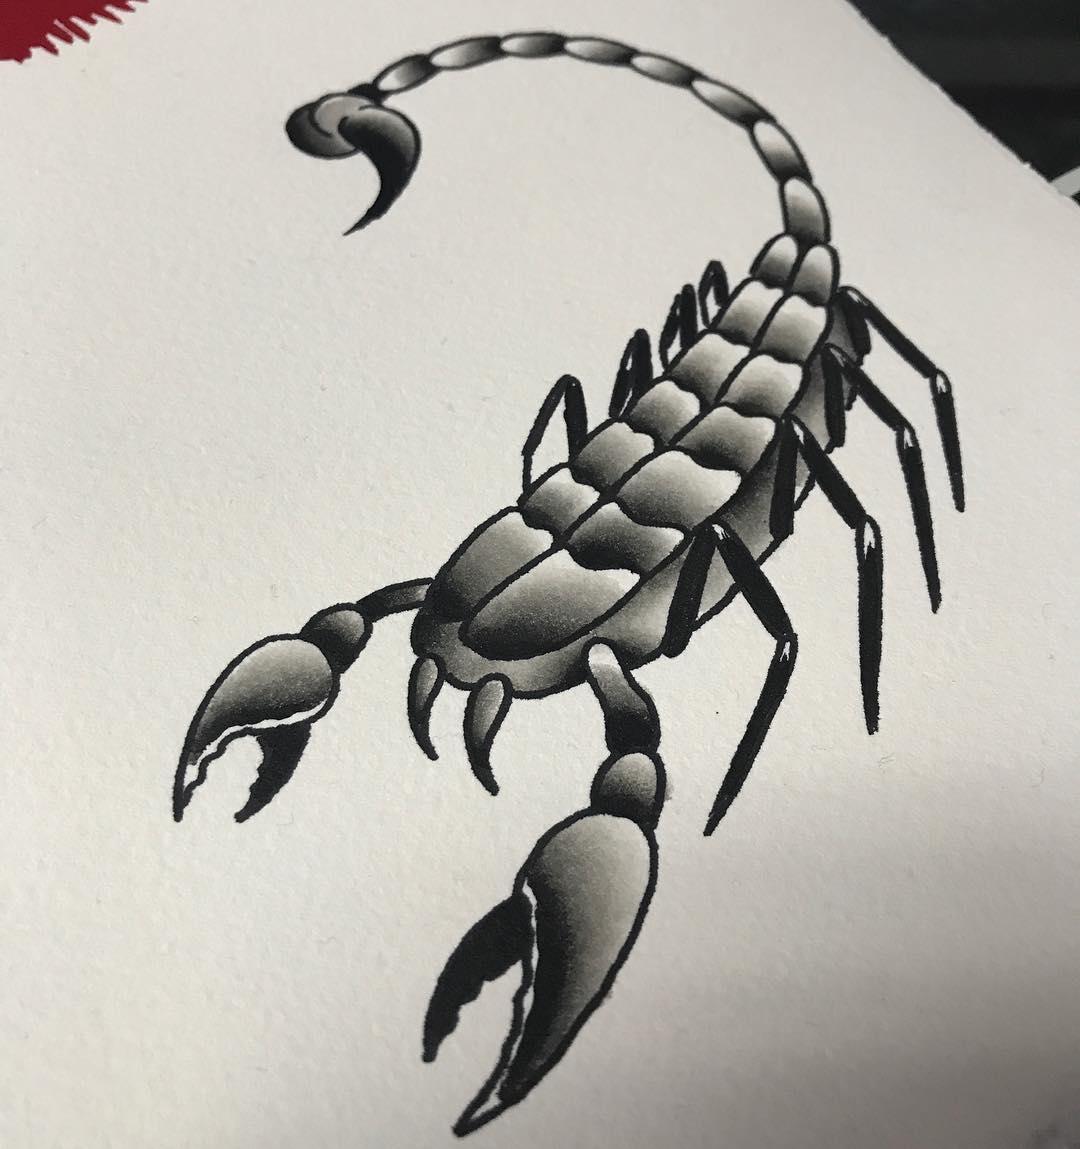 伍先生章鱼纹身手稿                      弓先生牡丹蛇纹身手稿